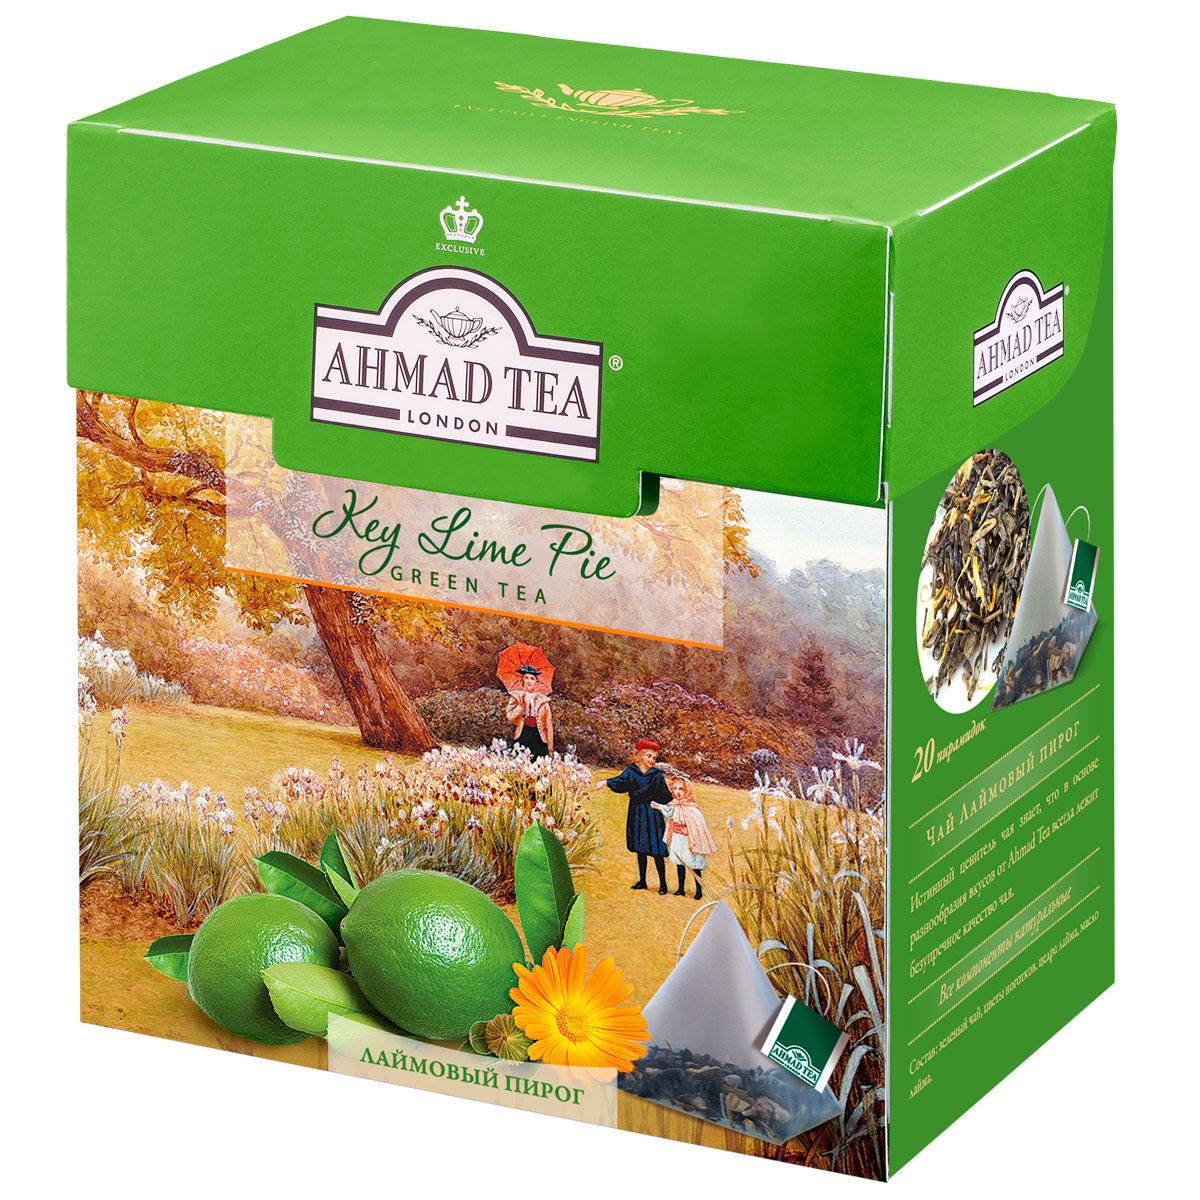 Ahmad Tea Lime Pie зеленый чай в пирамидках, 20 шт1401Ароматный купаж зеленого чая Ahmad Lime Pie со вкусом лаймового пирога - обворожительная фантазия чайных сомелье на тему десертных композиций. Светлый настой золотистого цвета обладает освежающим ароматом садовых трав, традиционной сладостью китайского зеленого чая и сливочно-лаймовым послевкусием. Заваривать 4-6 минут, температура воды 90°С.